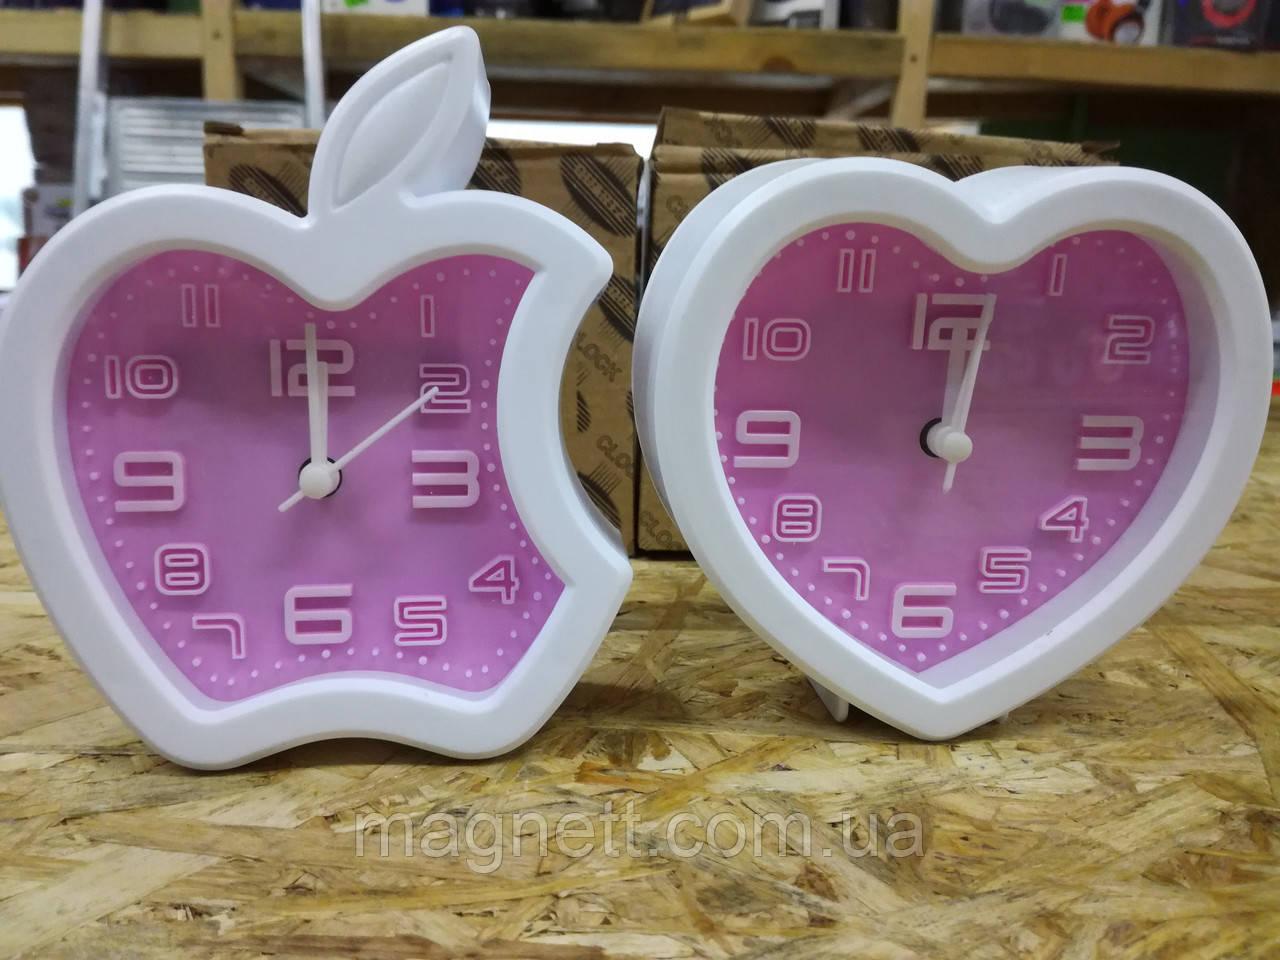 Часы настольные пластиковые розовые